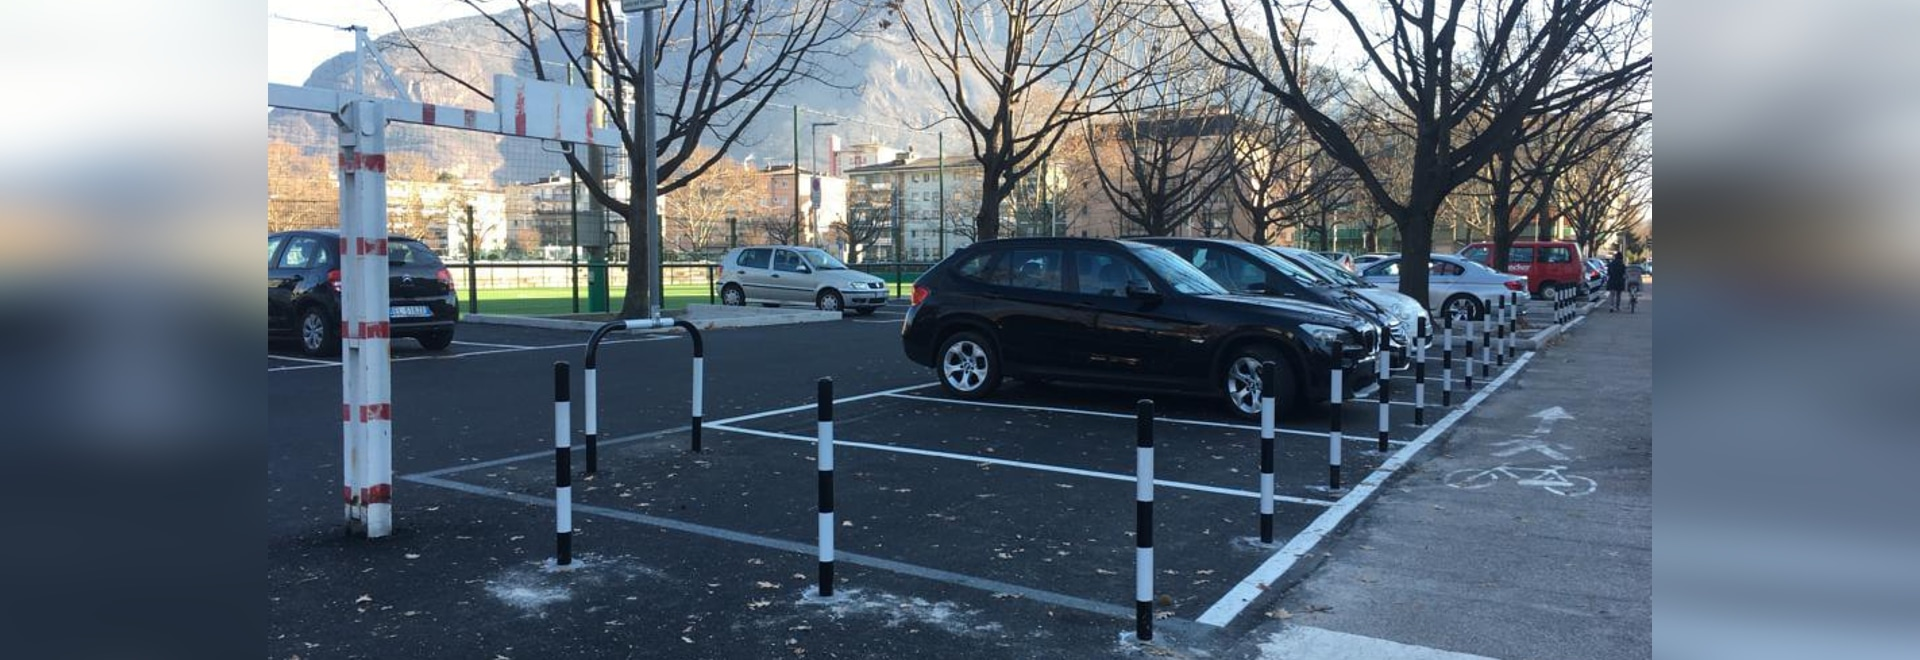 Flexible steel bollards. Parking lot